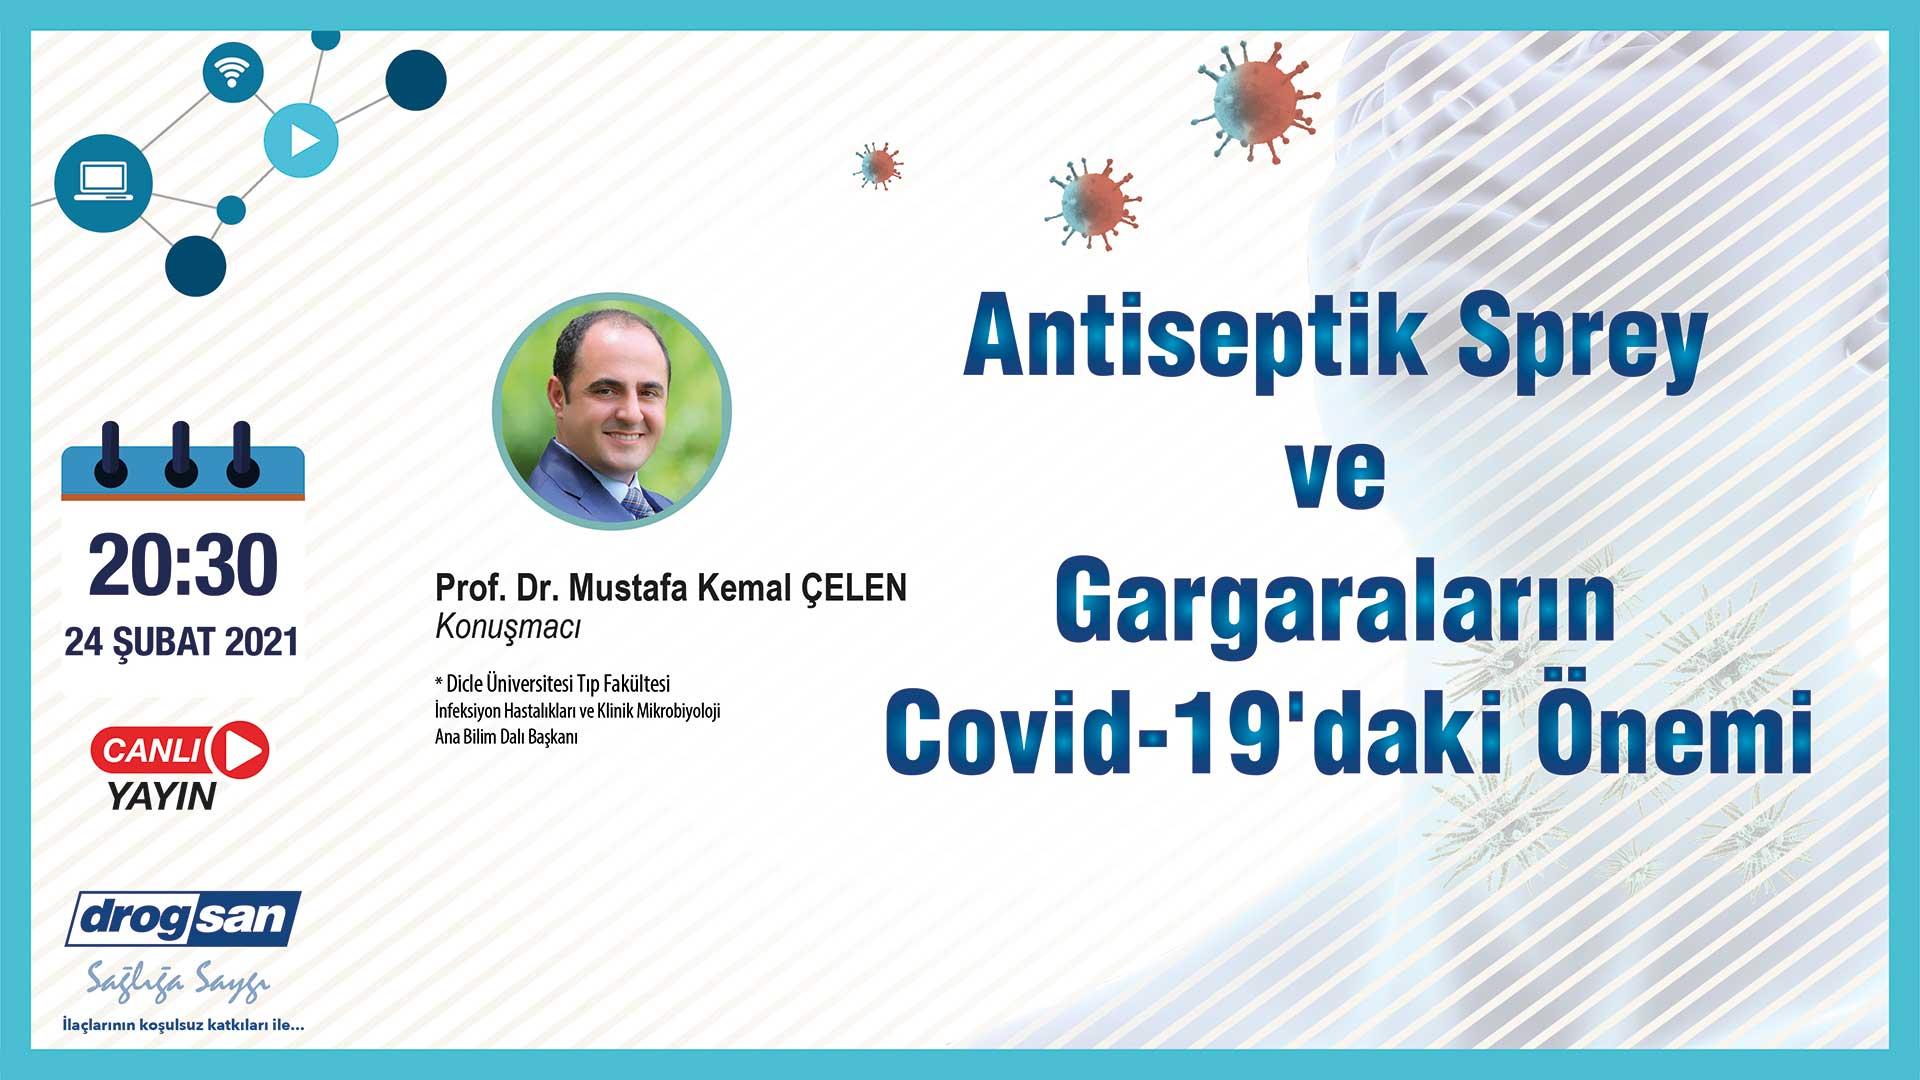 Antiseptik Sprey Ve Gargaraların Covid-19'daki Önemi